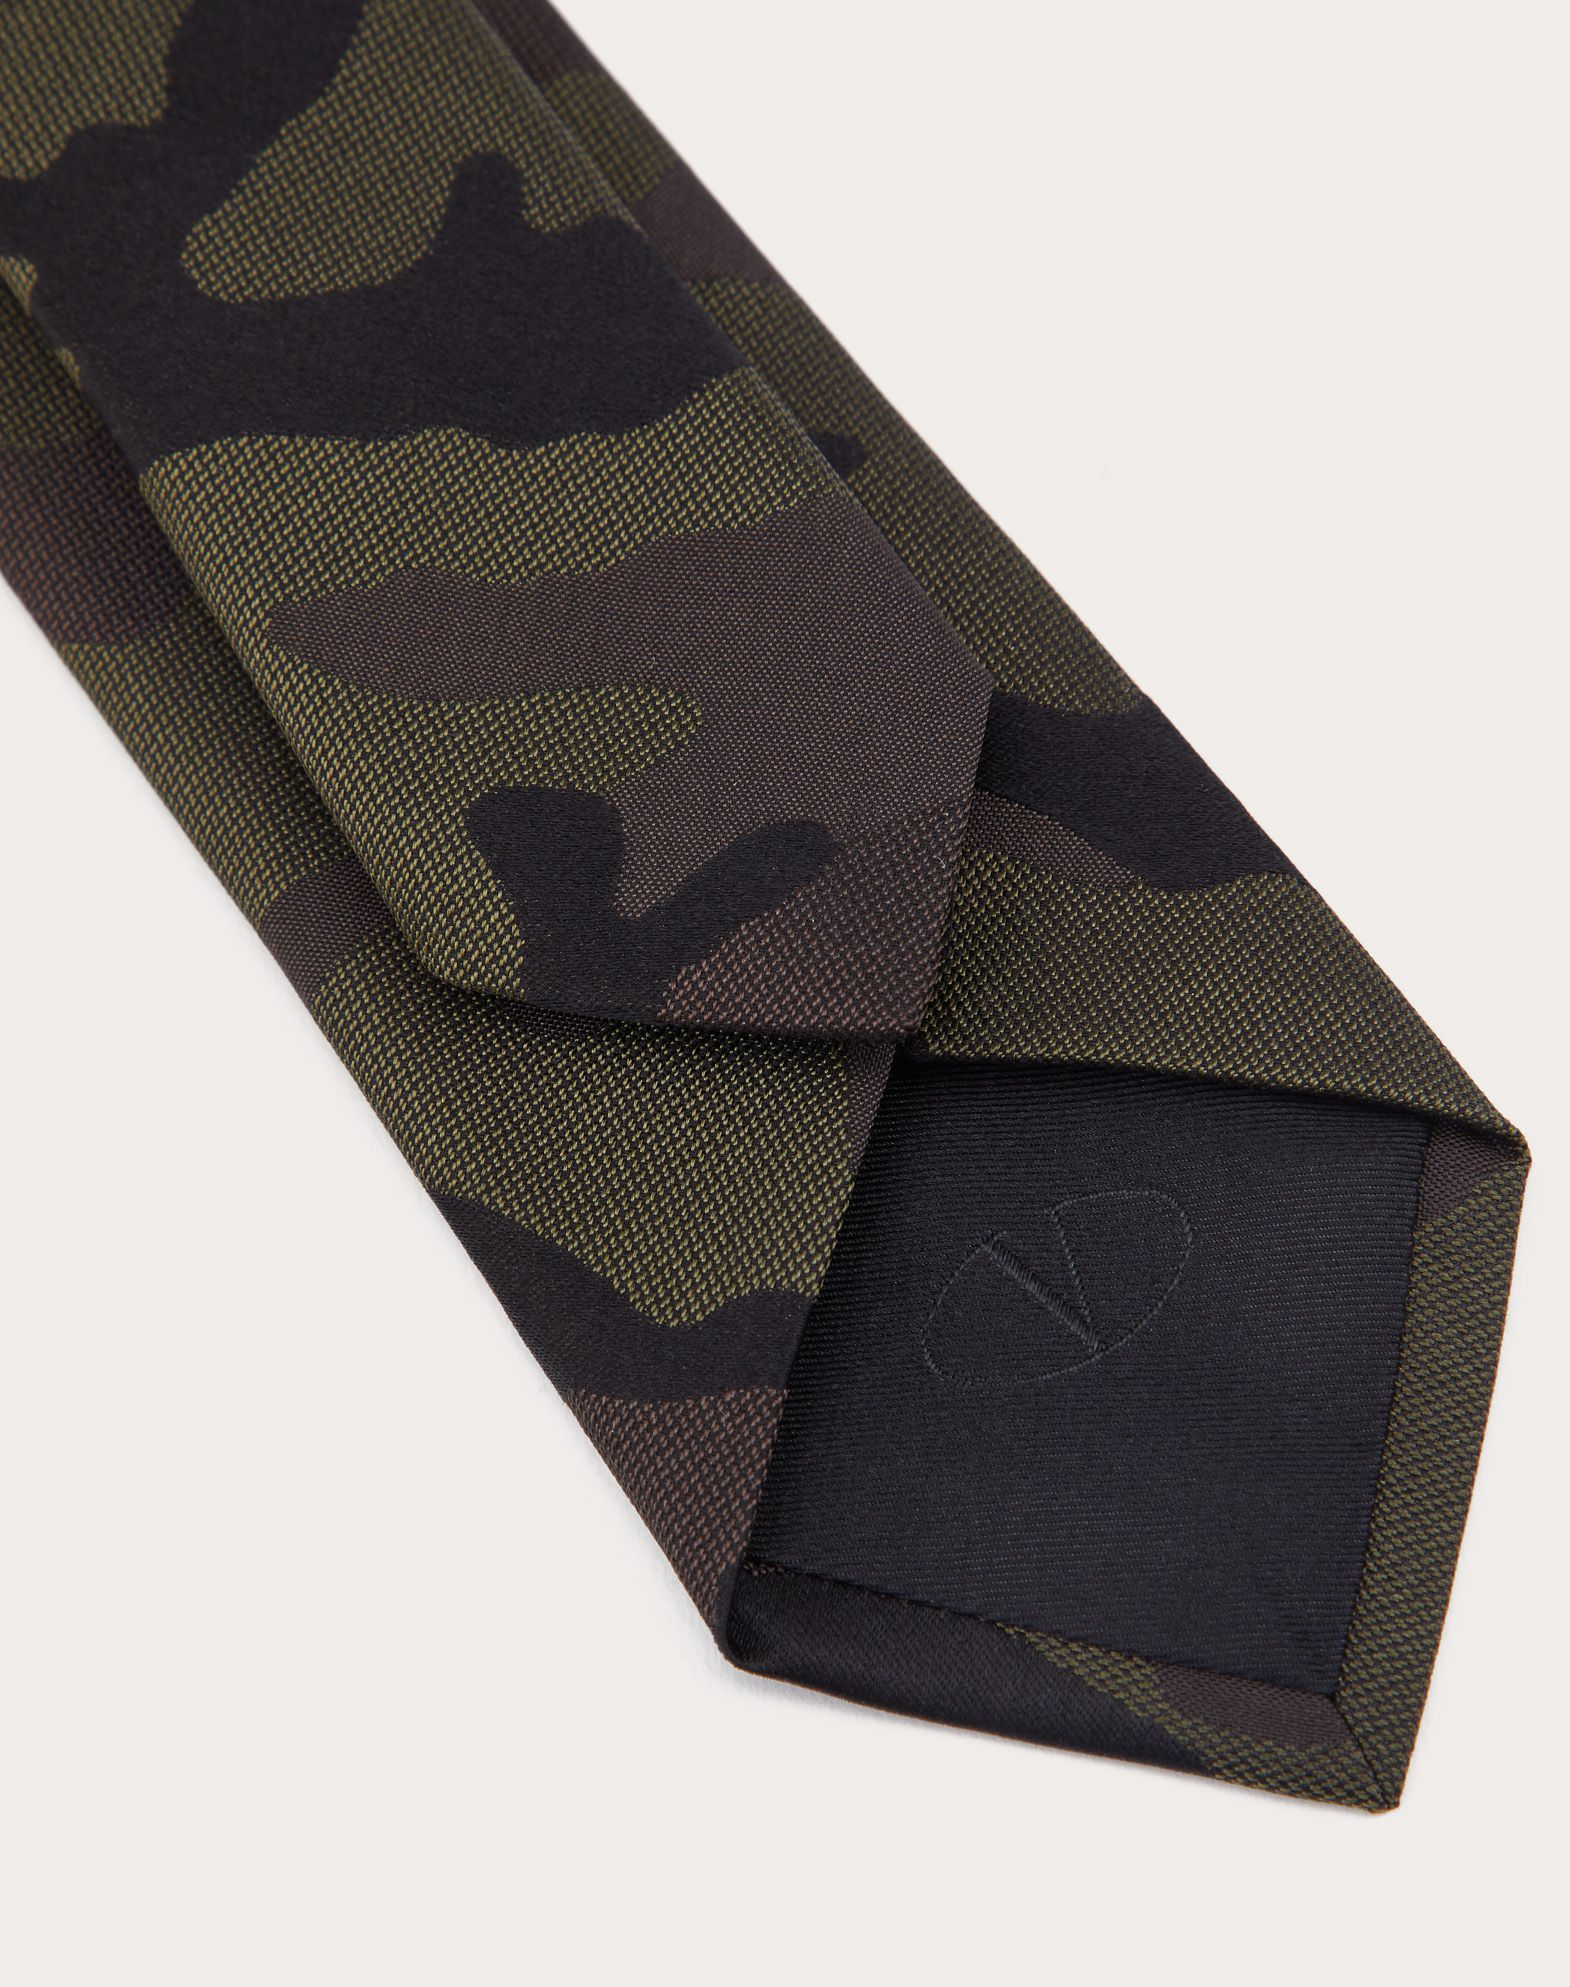 VALENTINO SETA Jacquard Tie Tie U d